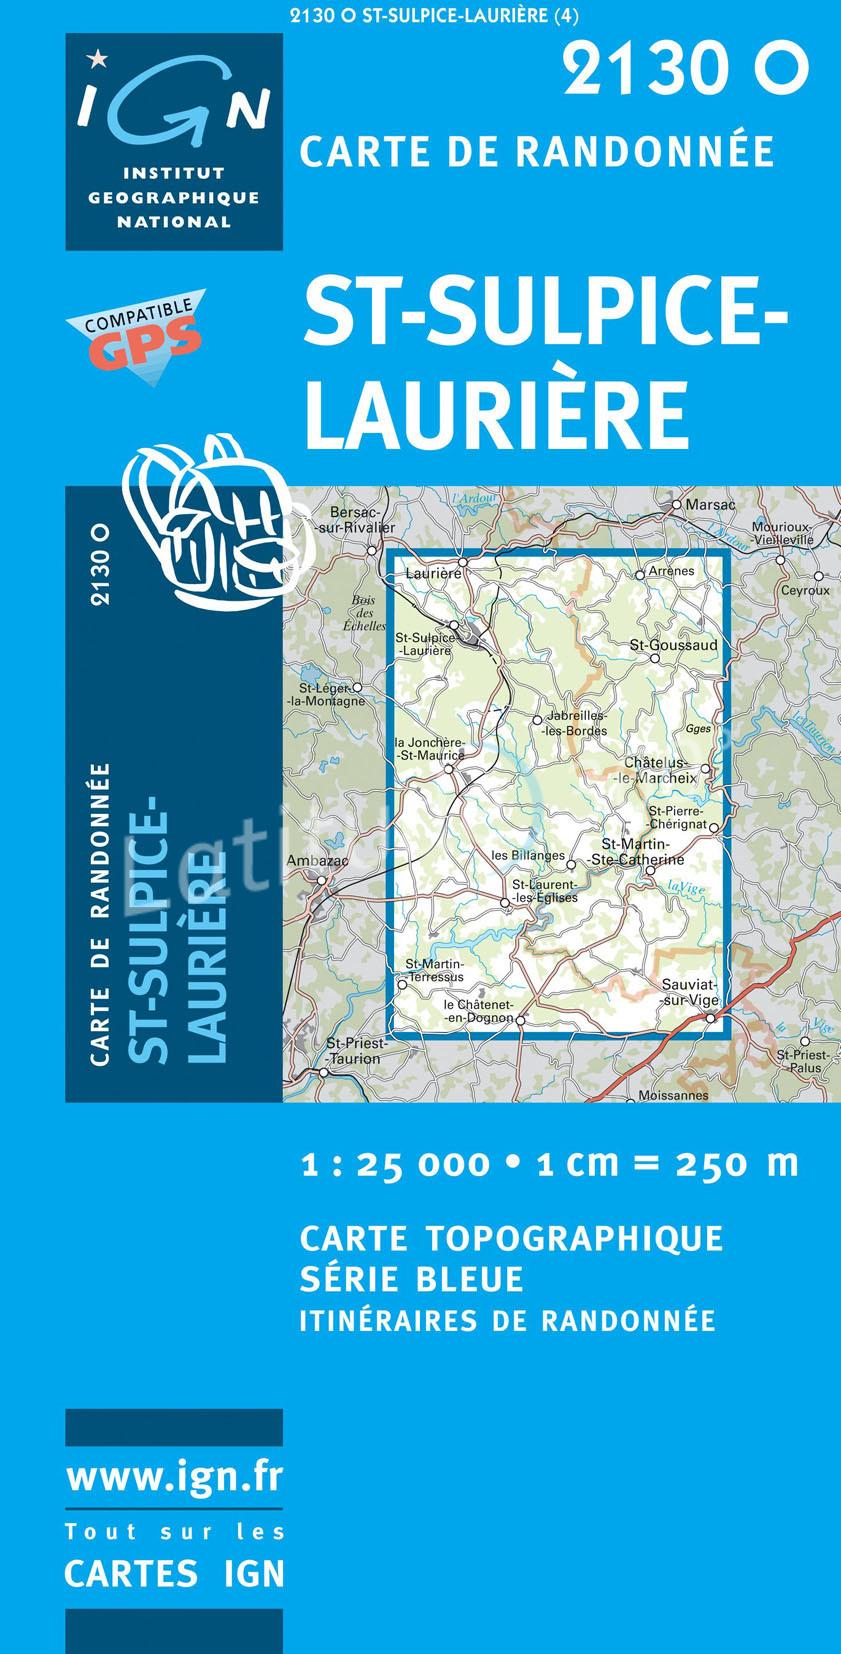 2130Ouest St. Sulpice-Laurière 9782758525394  IGN Serie Bleue  Wandelkaarten Creuse, Corrèze